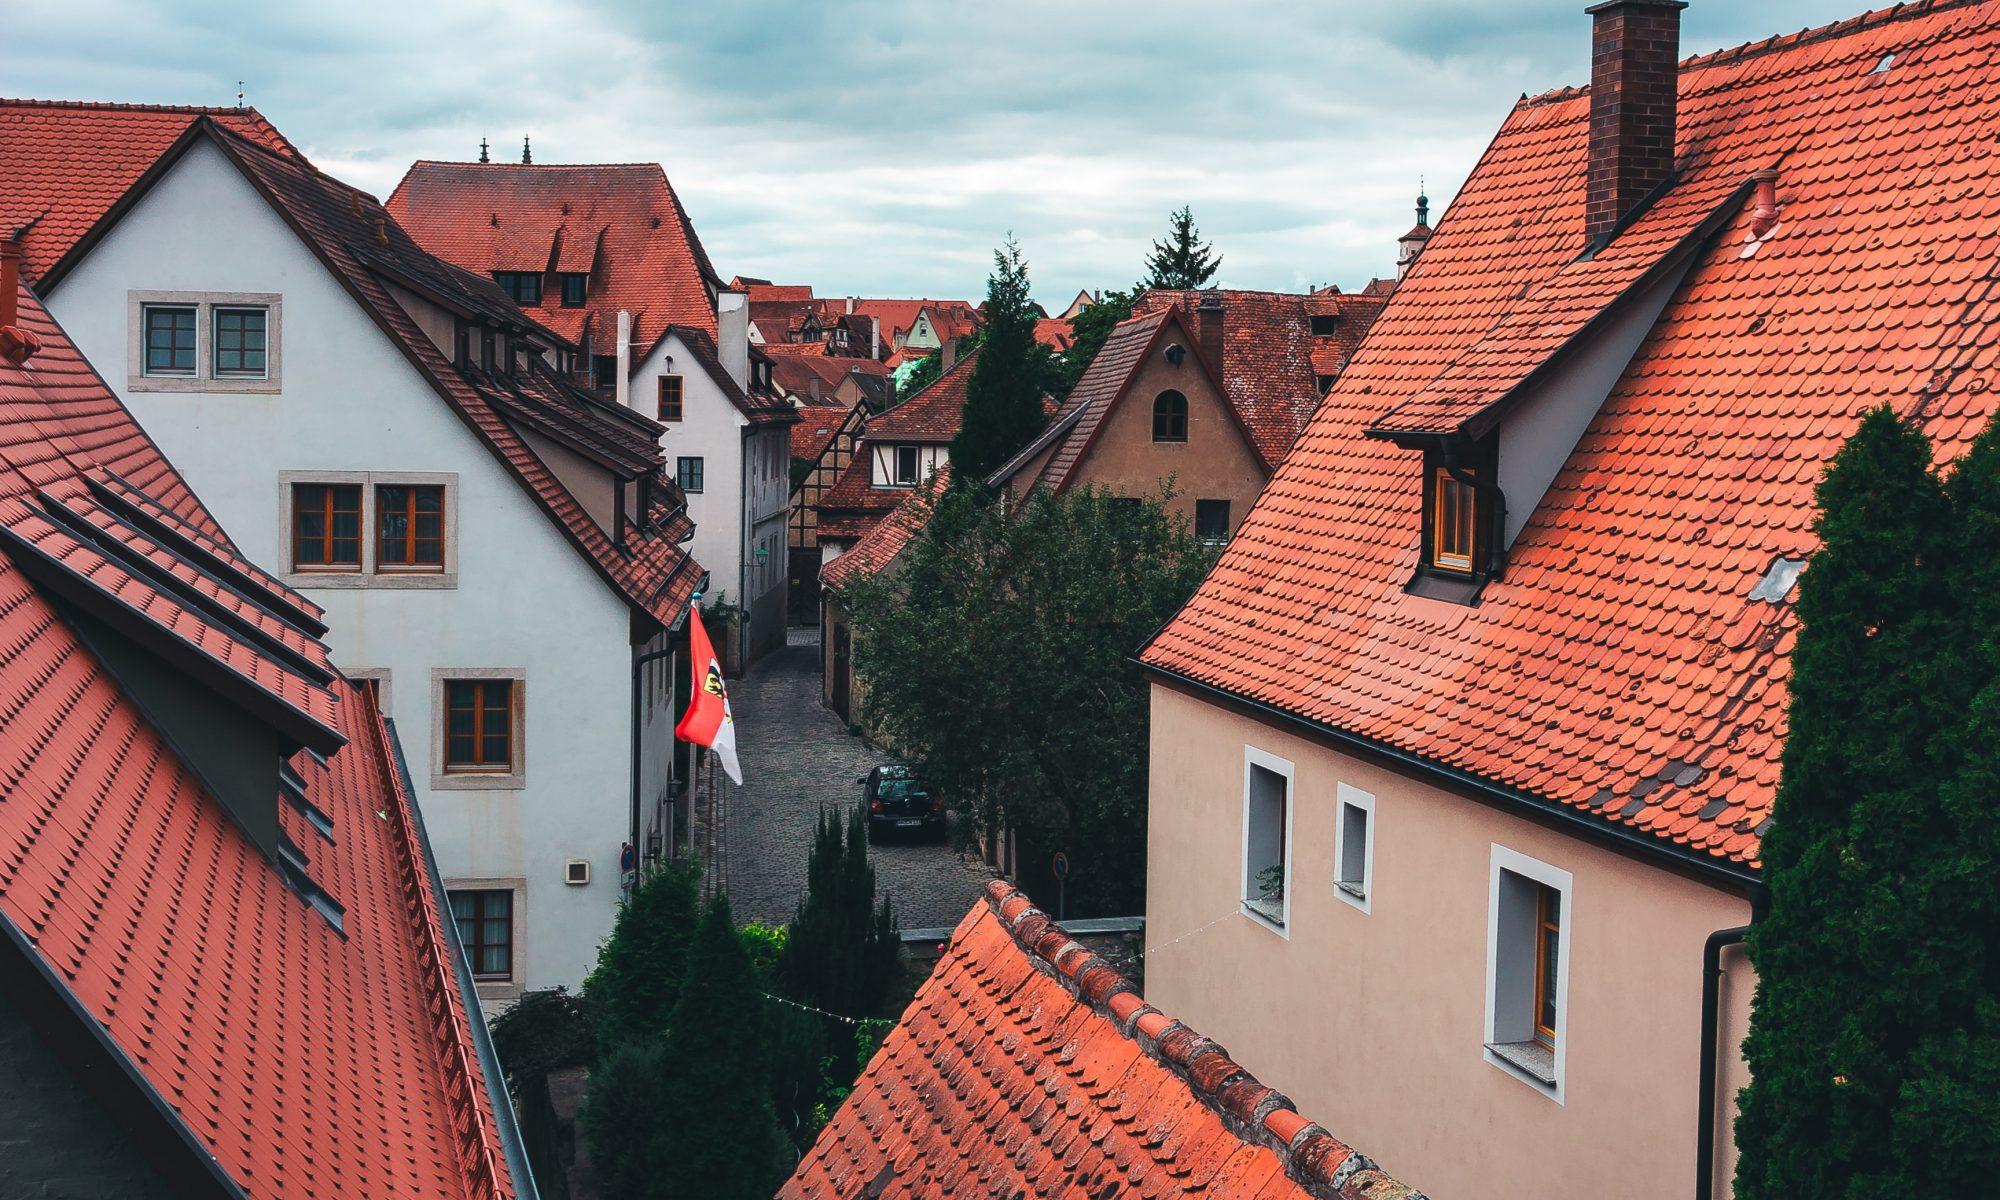 rénovation toit zinc cheneau pb etancheite